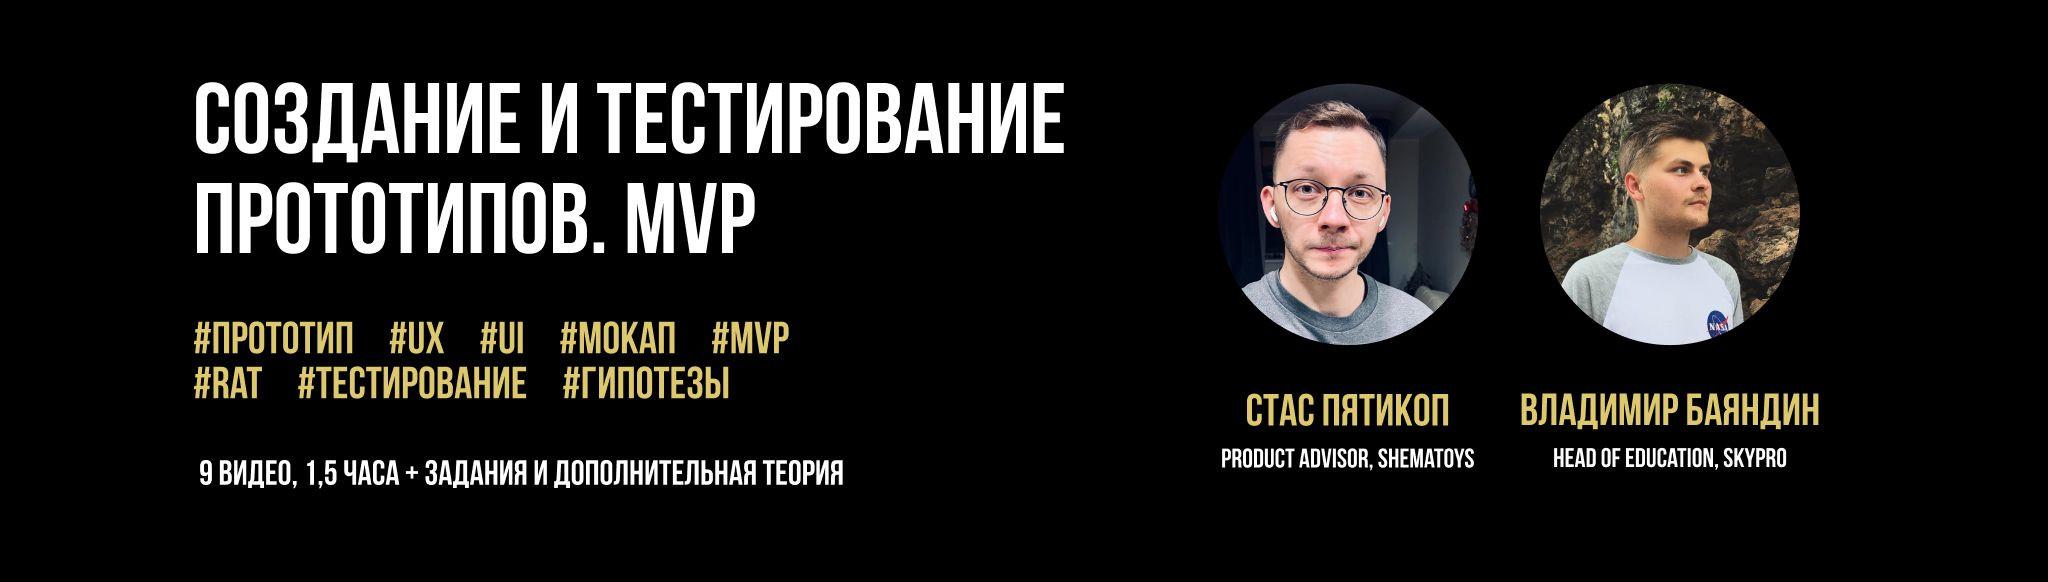 Прототипирование и MVP